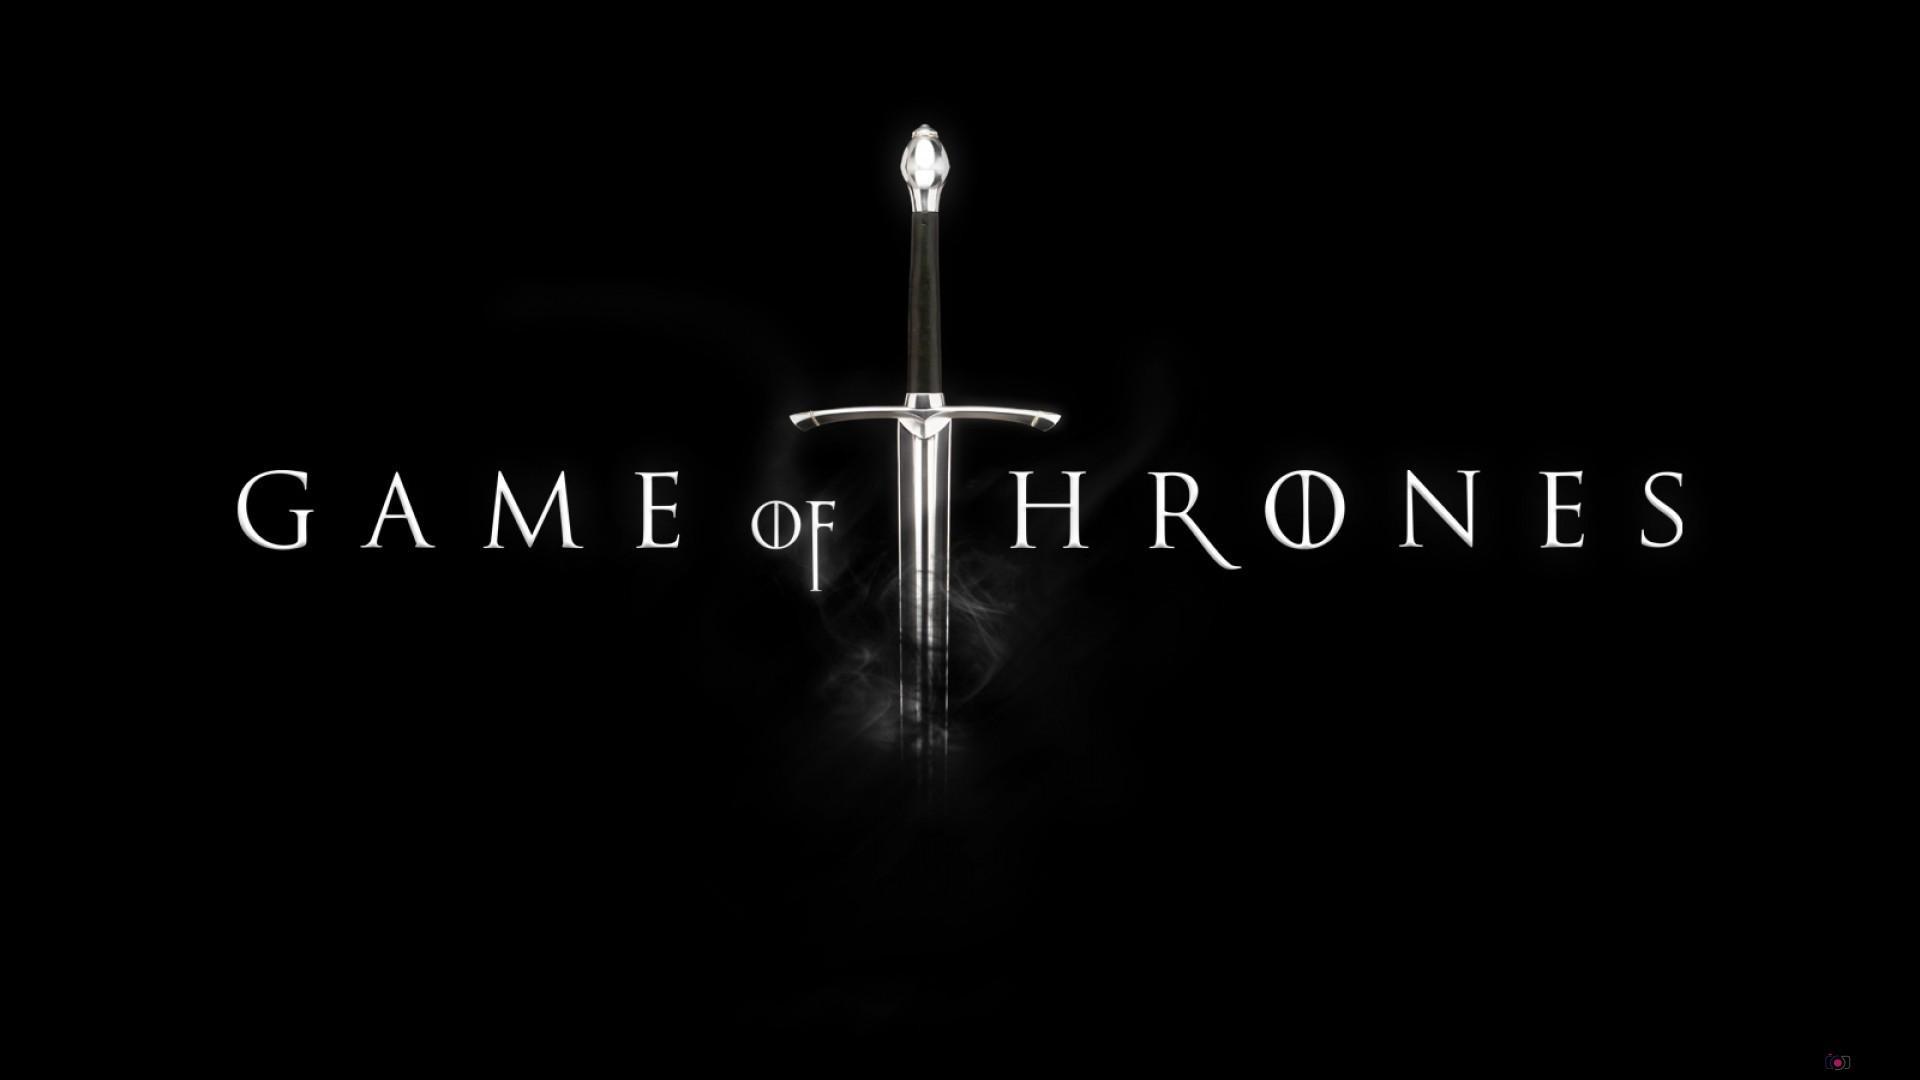 تصاویر با کیفیت بالا از سریال game of thron